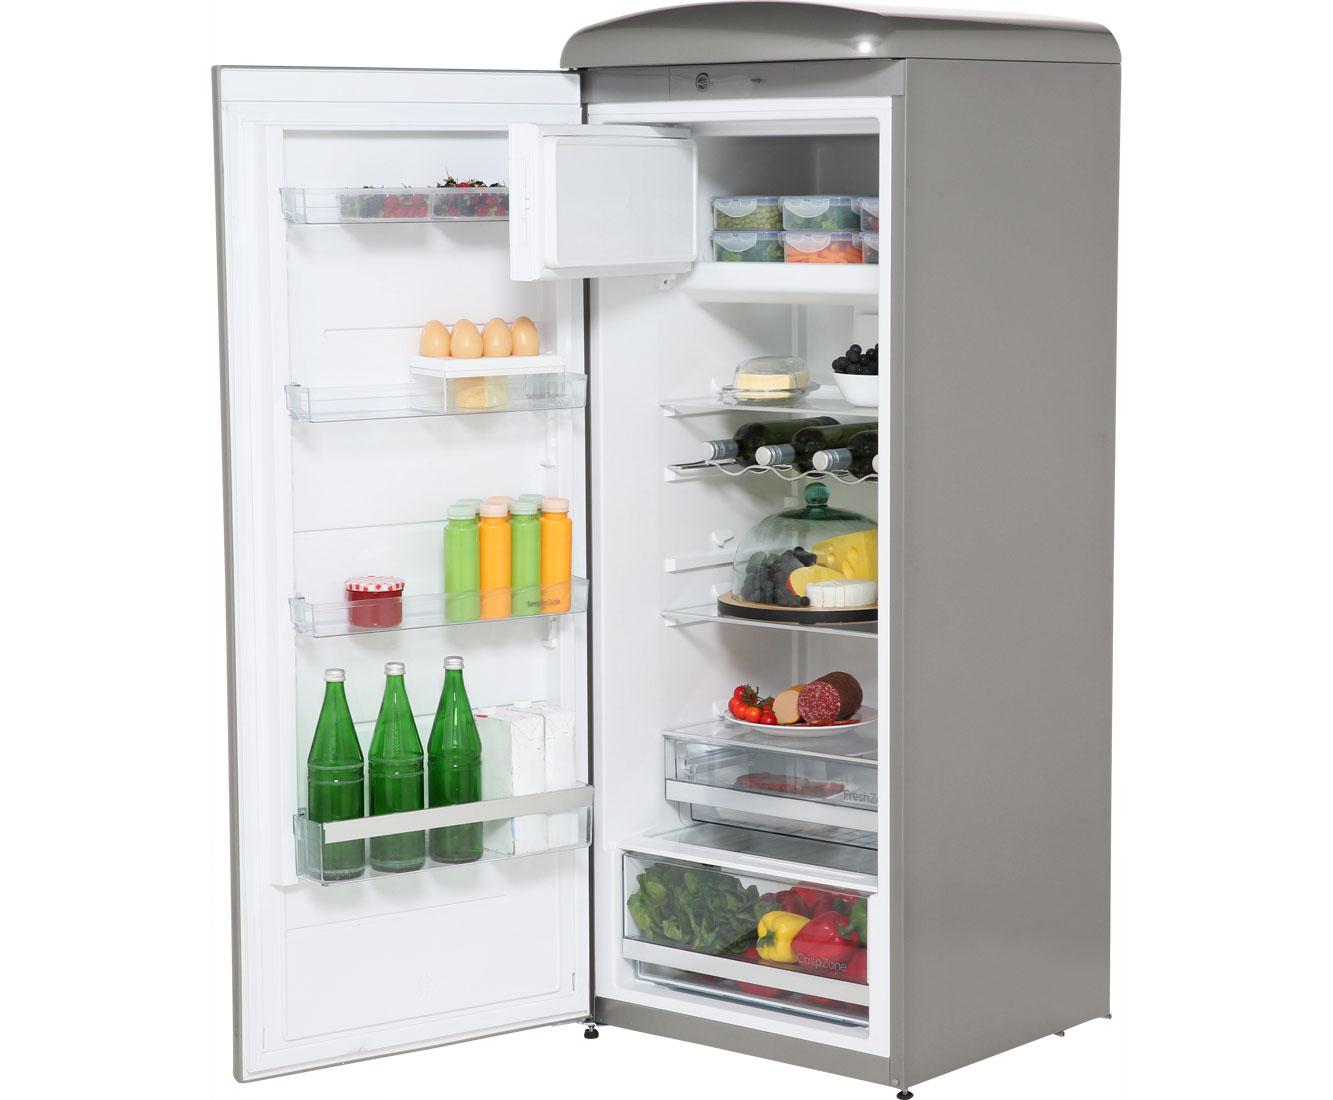 Vintage Industries Kühlschrank : Schöne kühlschränke kleine küche mit kühlschrank